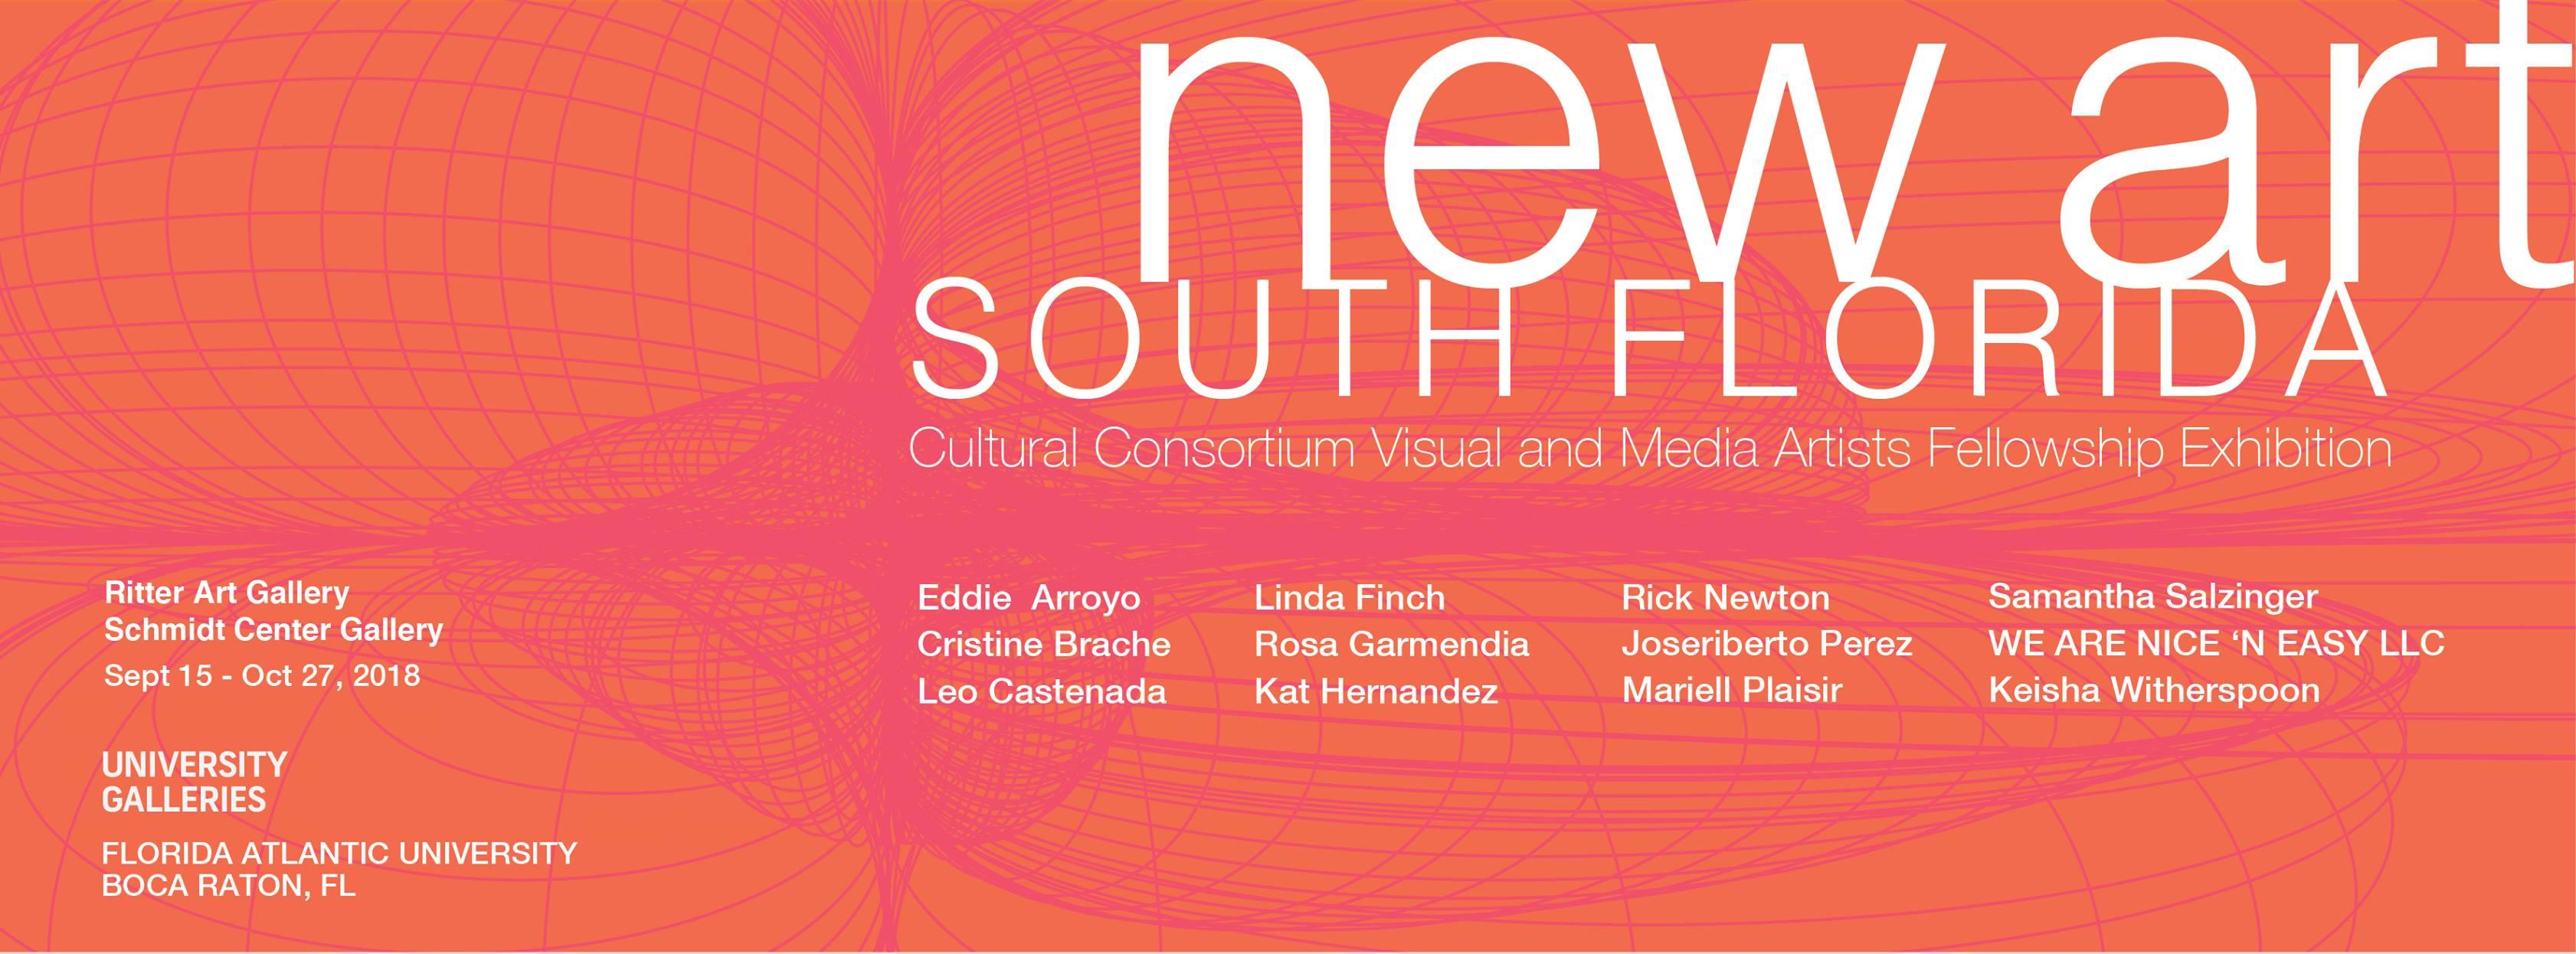 New Art: South Florida Cultural Consortium Fellowship Exhibition